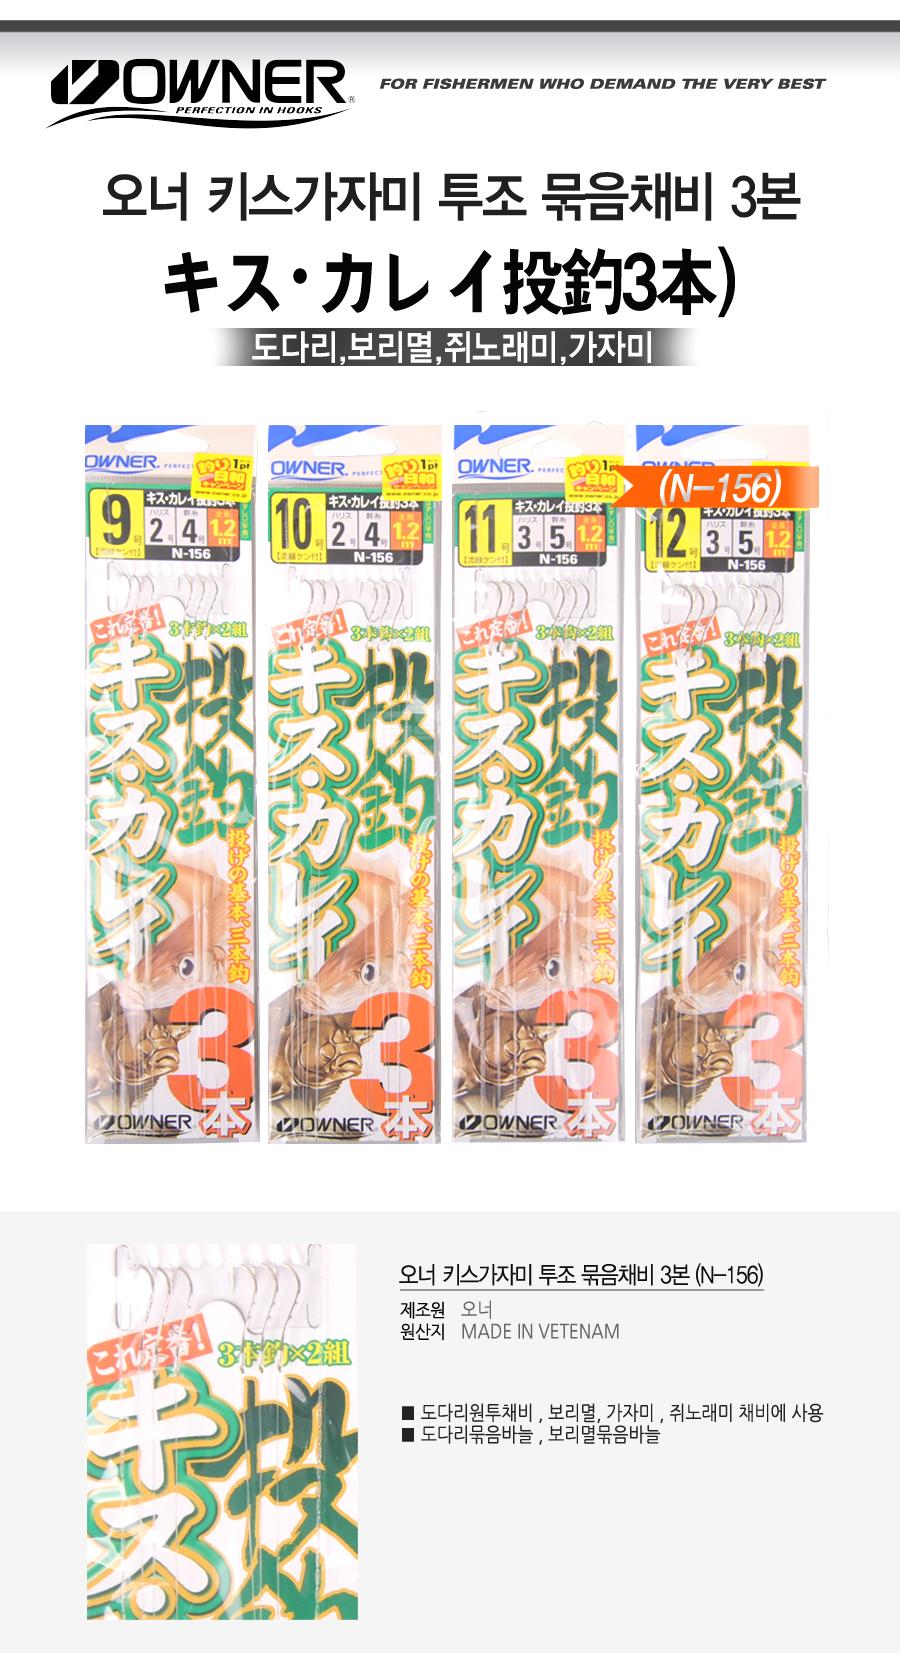 오너 키스가자미 투조 묶음채비 3본 (N-156) 도다리원투채비 도다리묶음바늘 보리멸묶음바늘 보리멸채비